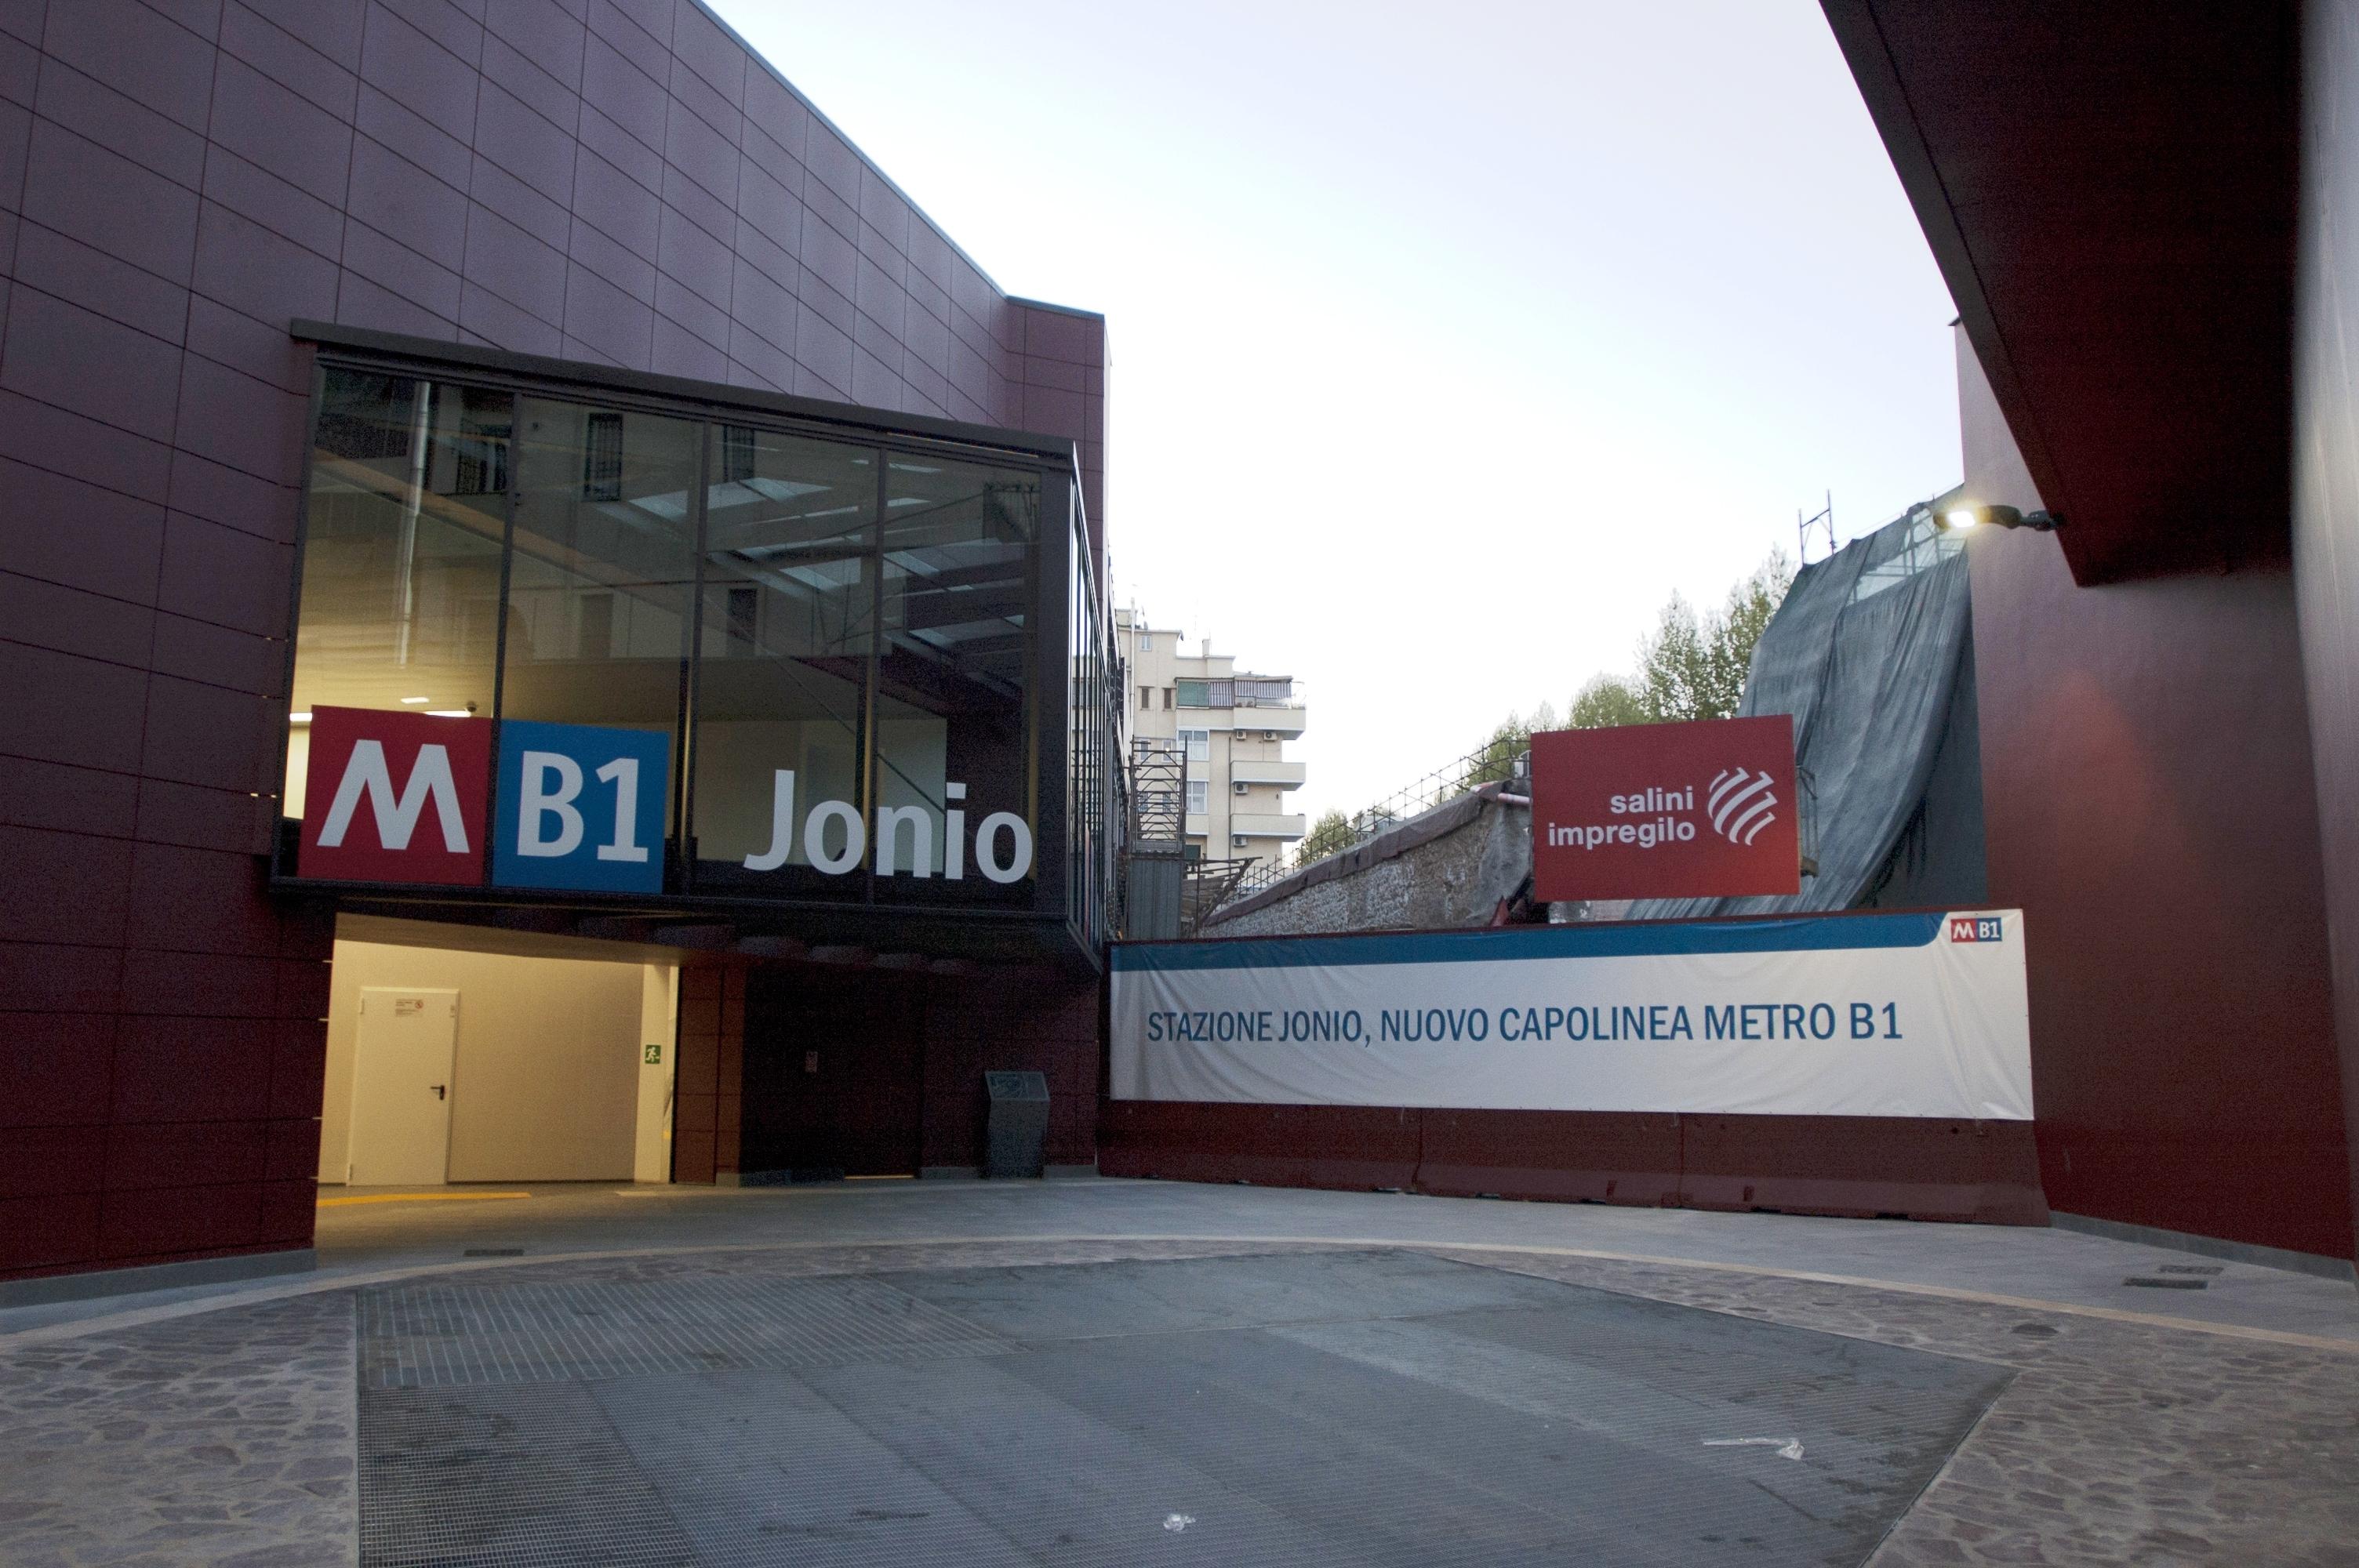 L'ingresso della stazione Jonio, nuovo capolinea della metro B1 - Foto Edoardo Franchi